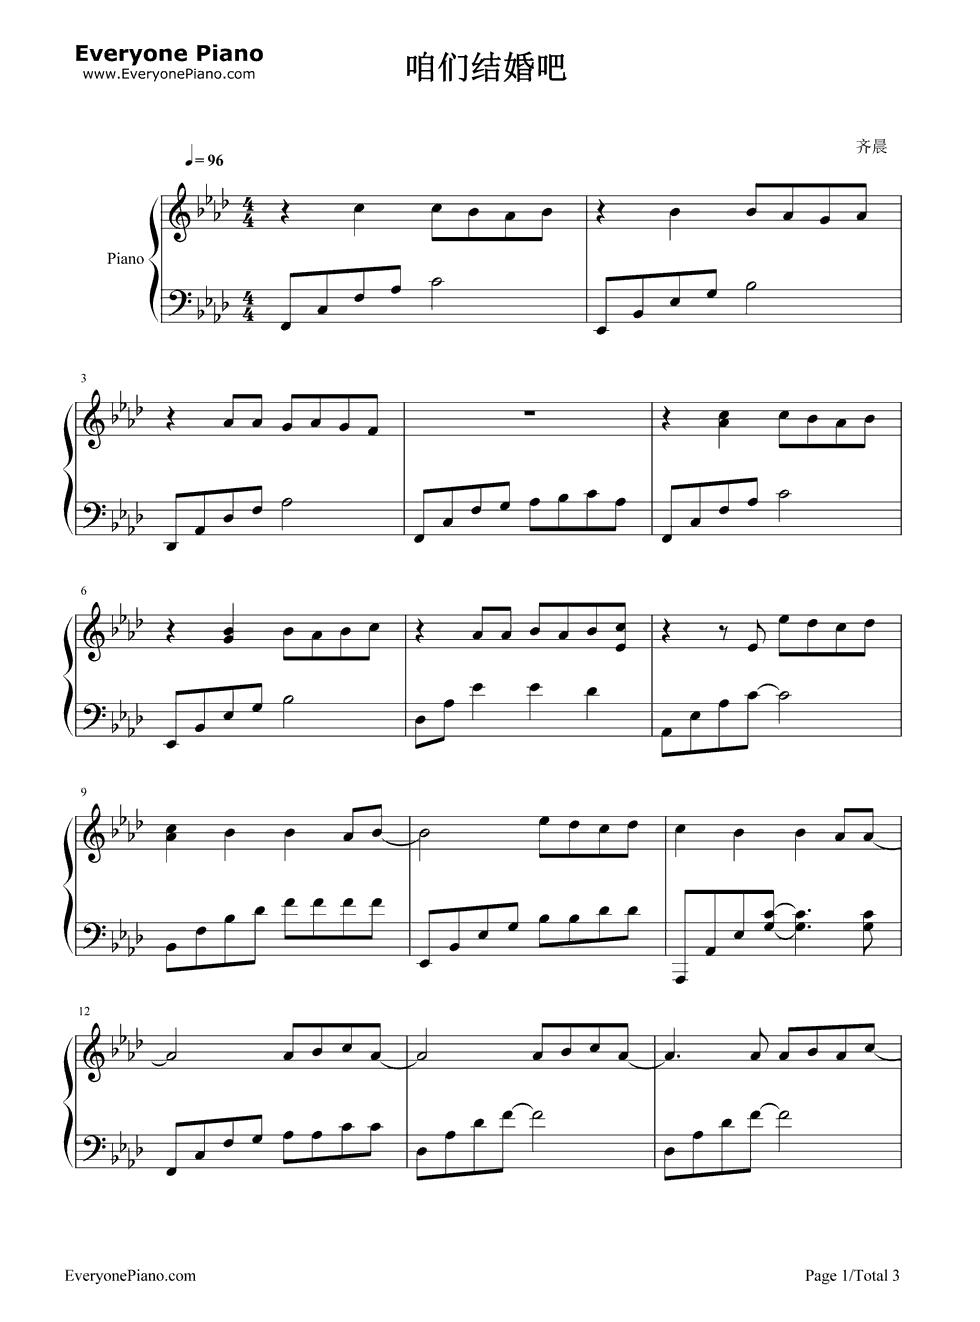 咱们结婚吧 齐晨演唱 钢琴谱 钢琴曲谱 钢琴歌谱 好曲谱网